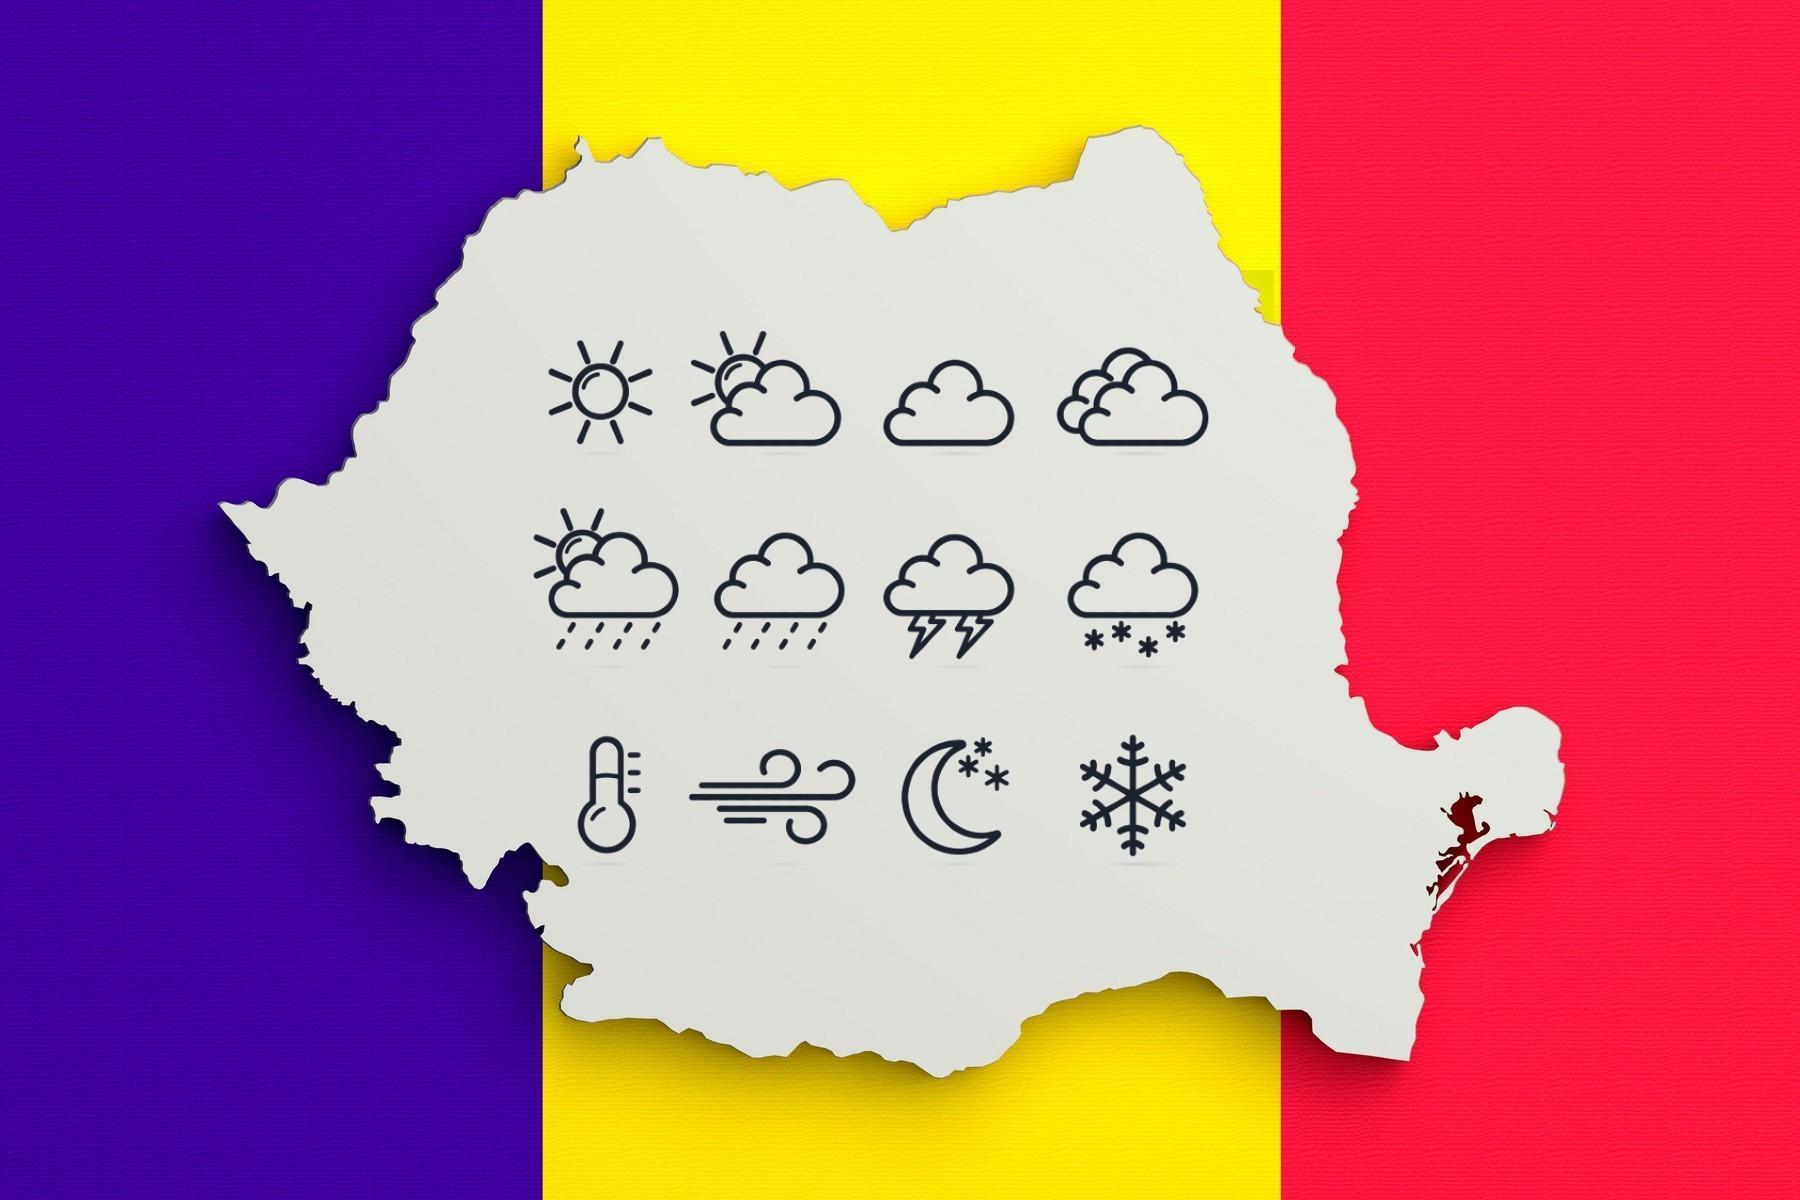 Prognoza meteo 20 septembrie 2021. Cum e vremea în România și care sunt previziunile ANM pentru astăzi